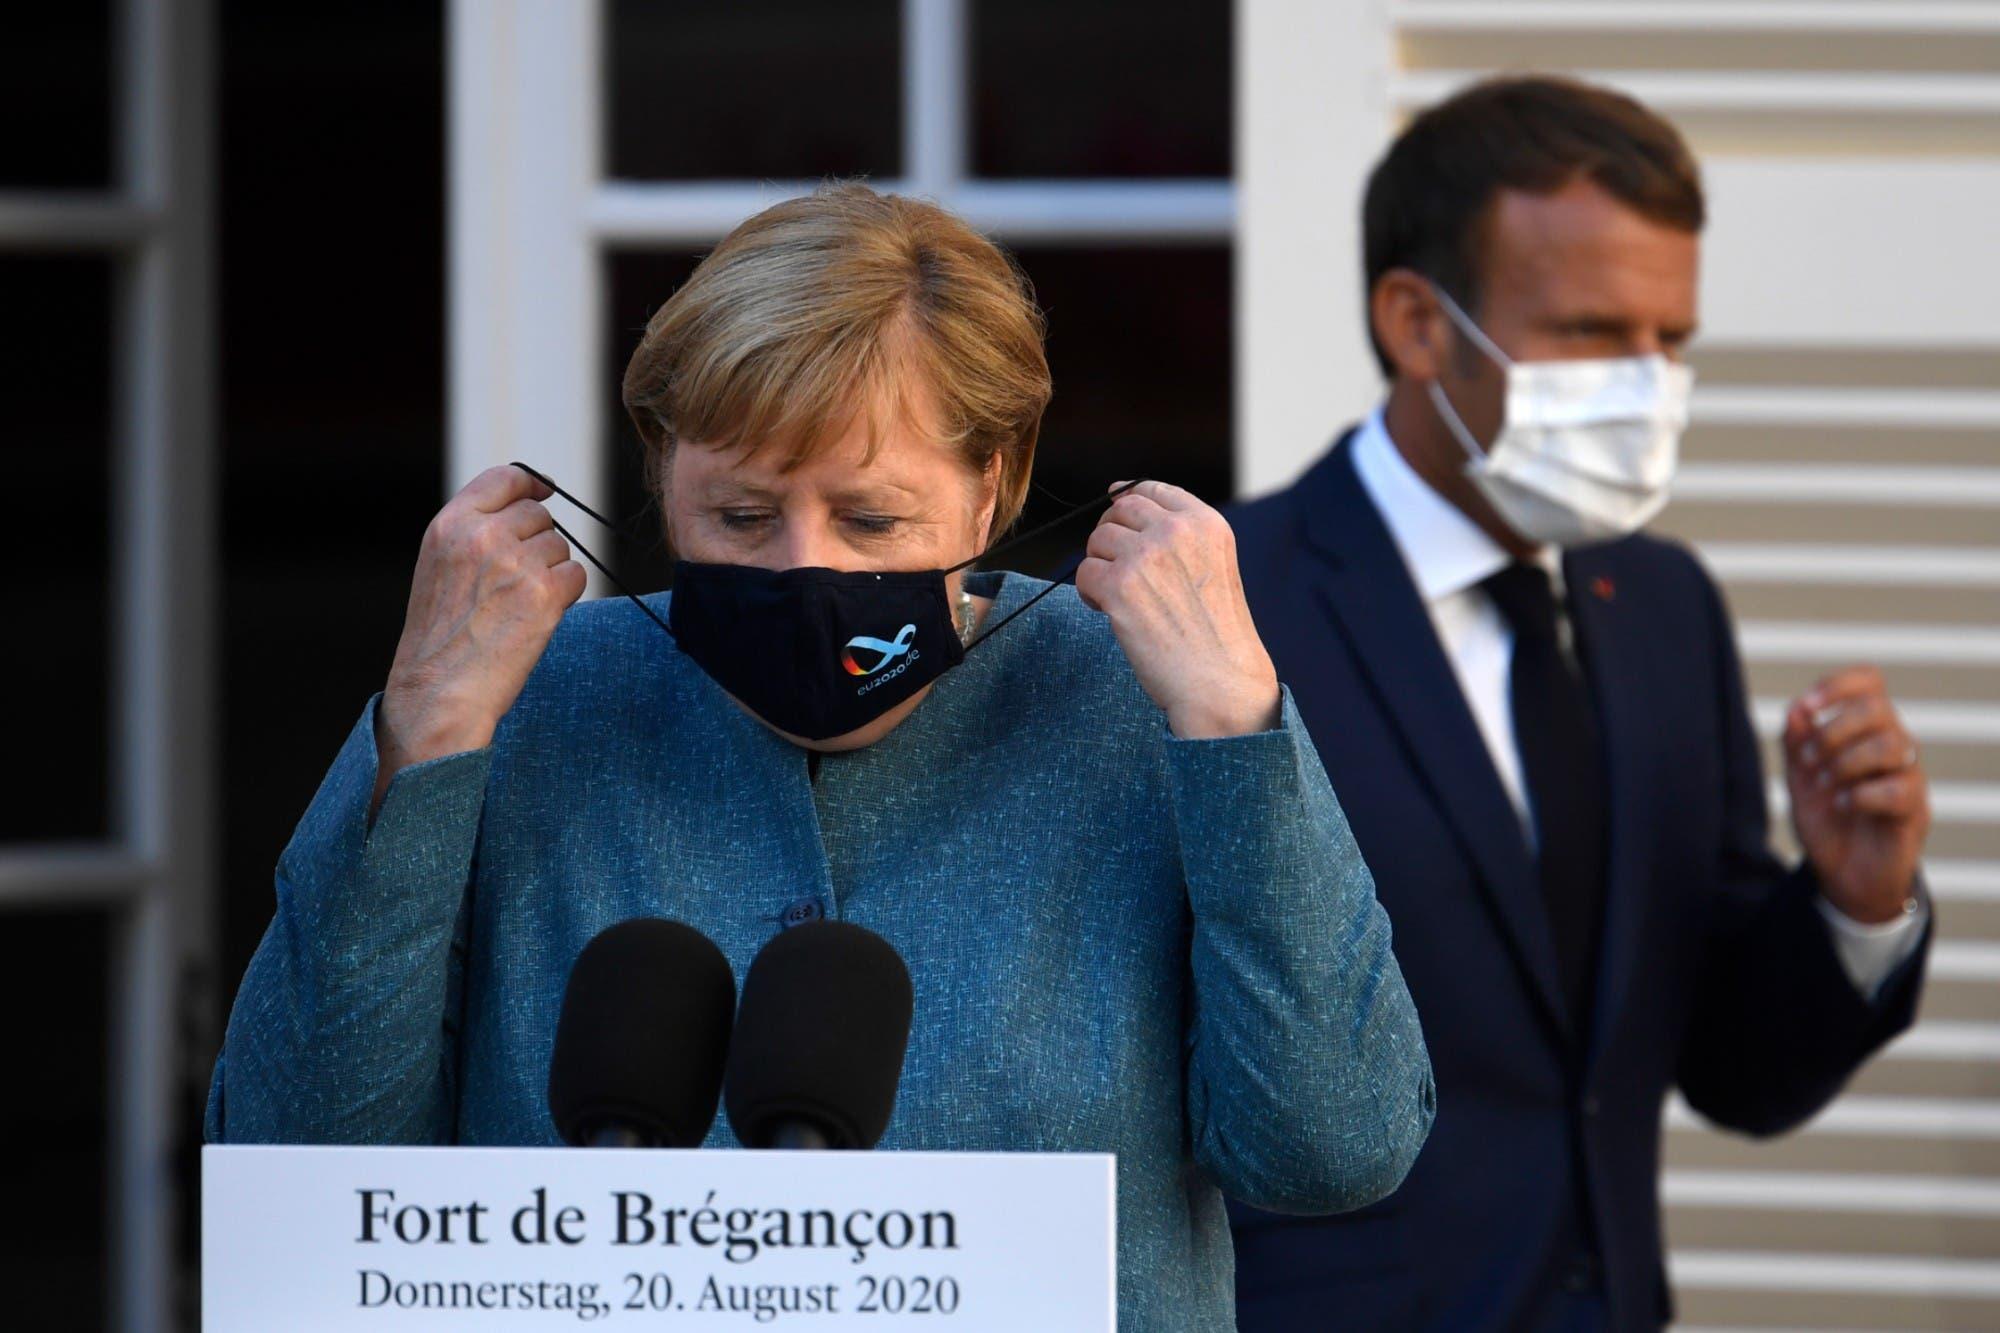 Coronavirus: aunque los contagios aumentan, Europa aprende a convivir con la pandemia